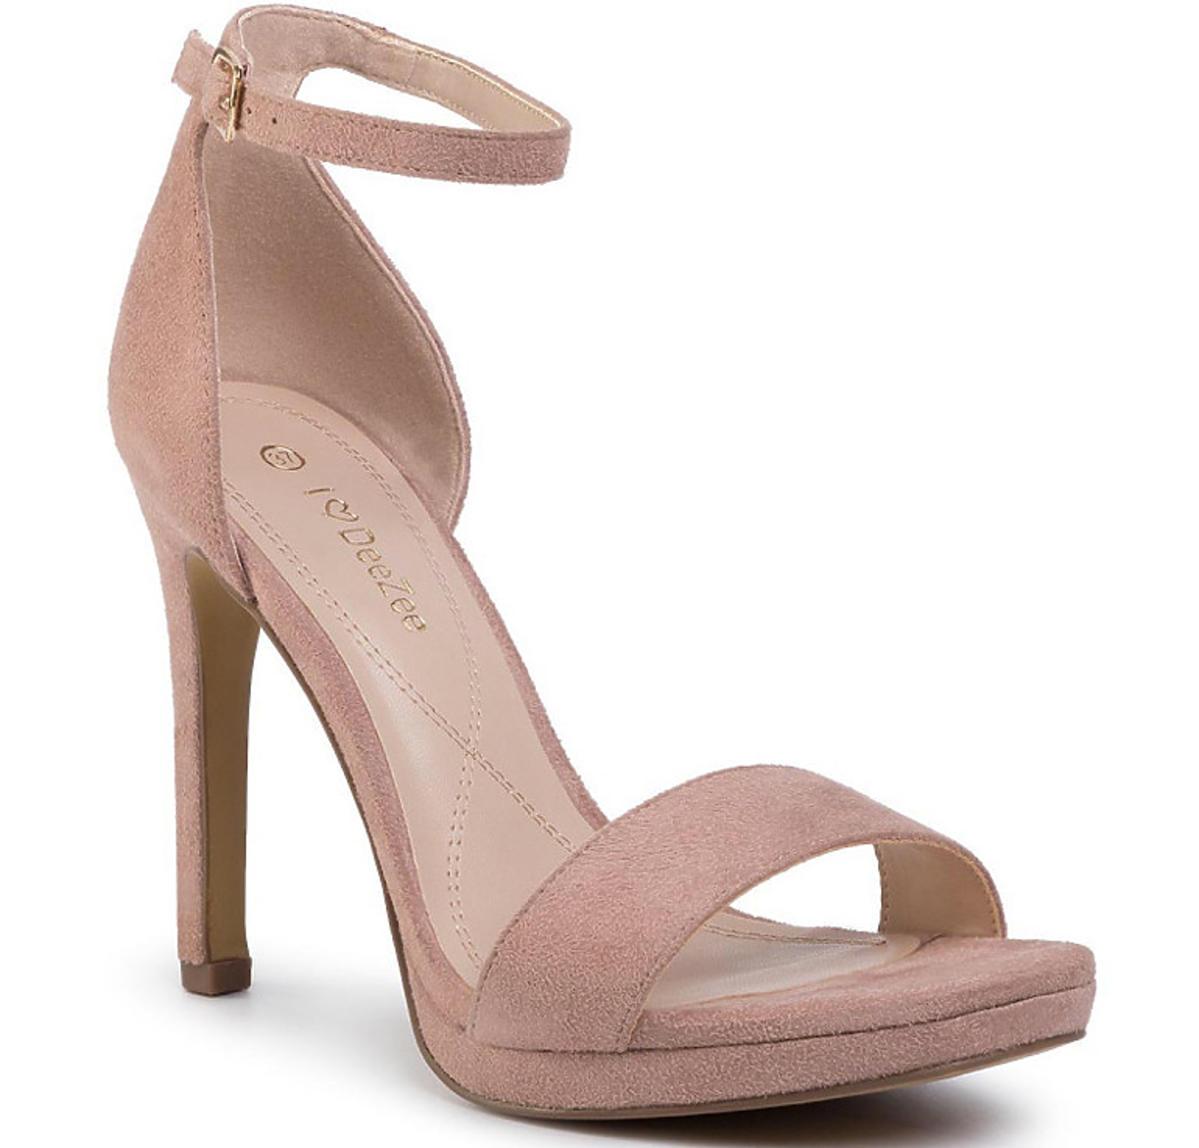 Sandały DEEZEE w kolorze nude, 99,99 zł